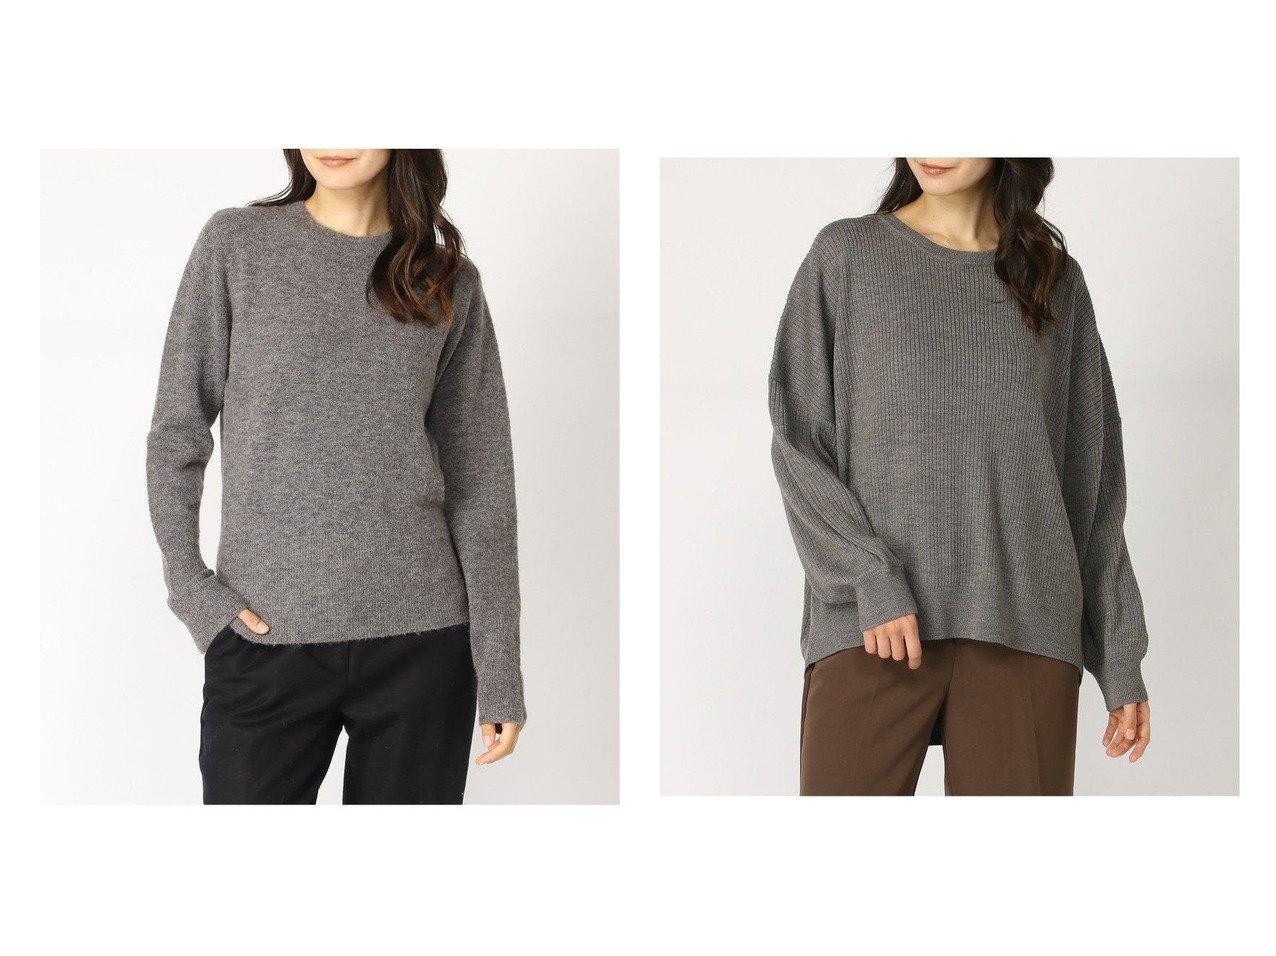 【IENA/イエナ】のO&【SLOBE IENA/スローブ イエナ】のリブ PO トップス・カットソーのおすすめ!人気、トレンド・レディースファッションの通販  おすすめで人気の流行・トレンド、ファッションの通販商品 メンズファッション・キッズファッション・インテリア・家具・レディースファッション・服の通販 founy(ファニー) https://founy.com/ ファッション Fashion レディースファッション WOMEN トップス Tops Tshirt ニット Knit Tops 2020年 2020 2020-2021 秋冬 A/W AW Autumn/Winter / FW Fall-Winter 2020-2021 A/W 秋冬 AW Autumn/Winter / FW Fall-Winter エレガント コンパクト ストレッチ フラット ワイド 長袖  ID:crp329100000010372